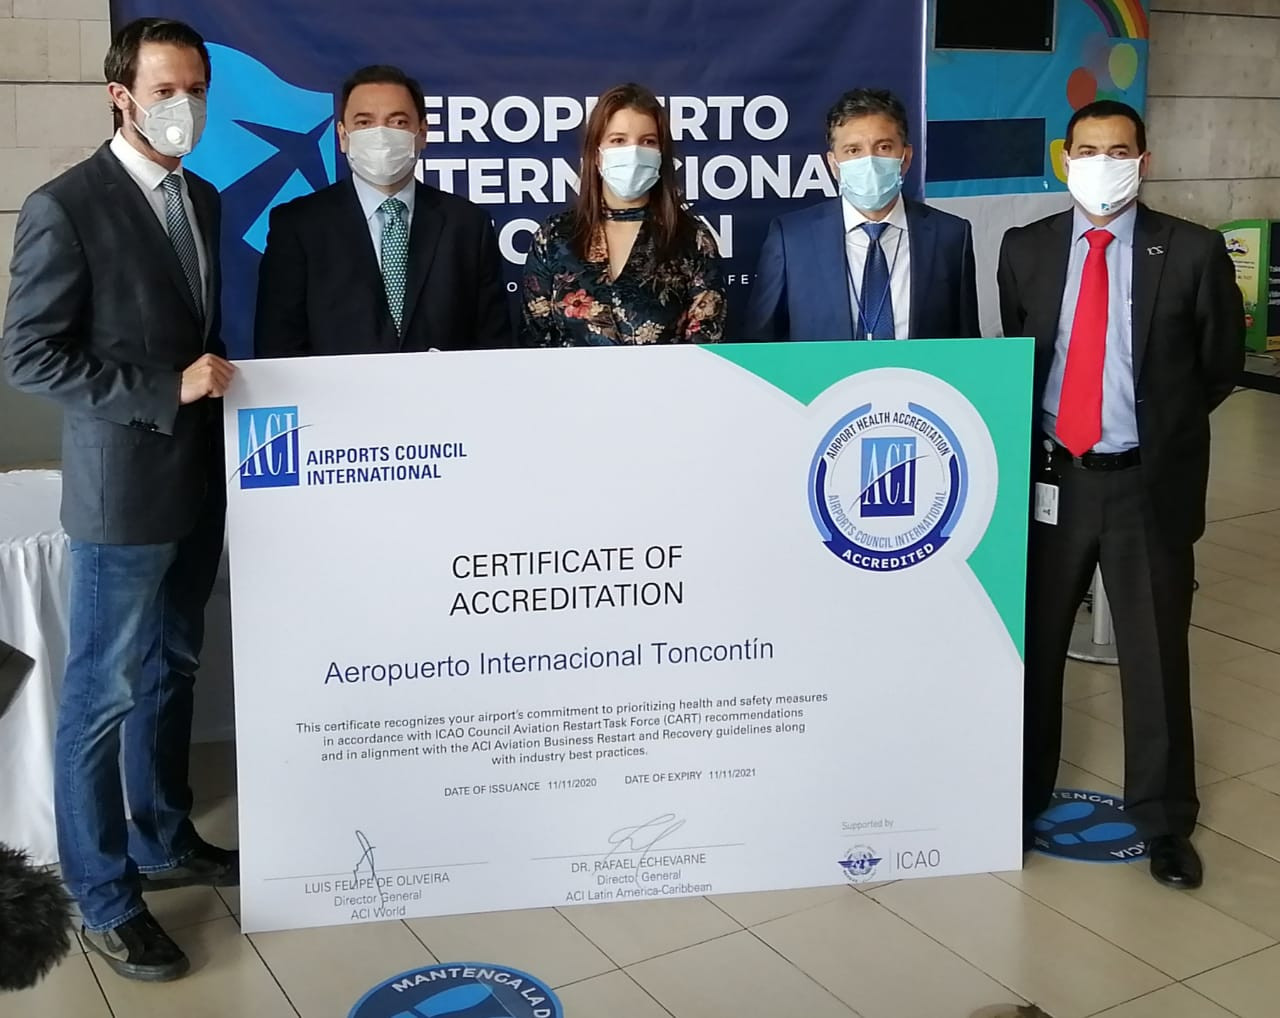 Noticias-Aeropuerto-Tegucigalpa-Honduras-Toncontín-PIA y Múnich logran que Toncontín obtenga certificado internacional de bioseguridad